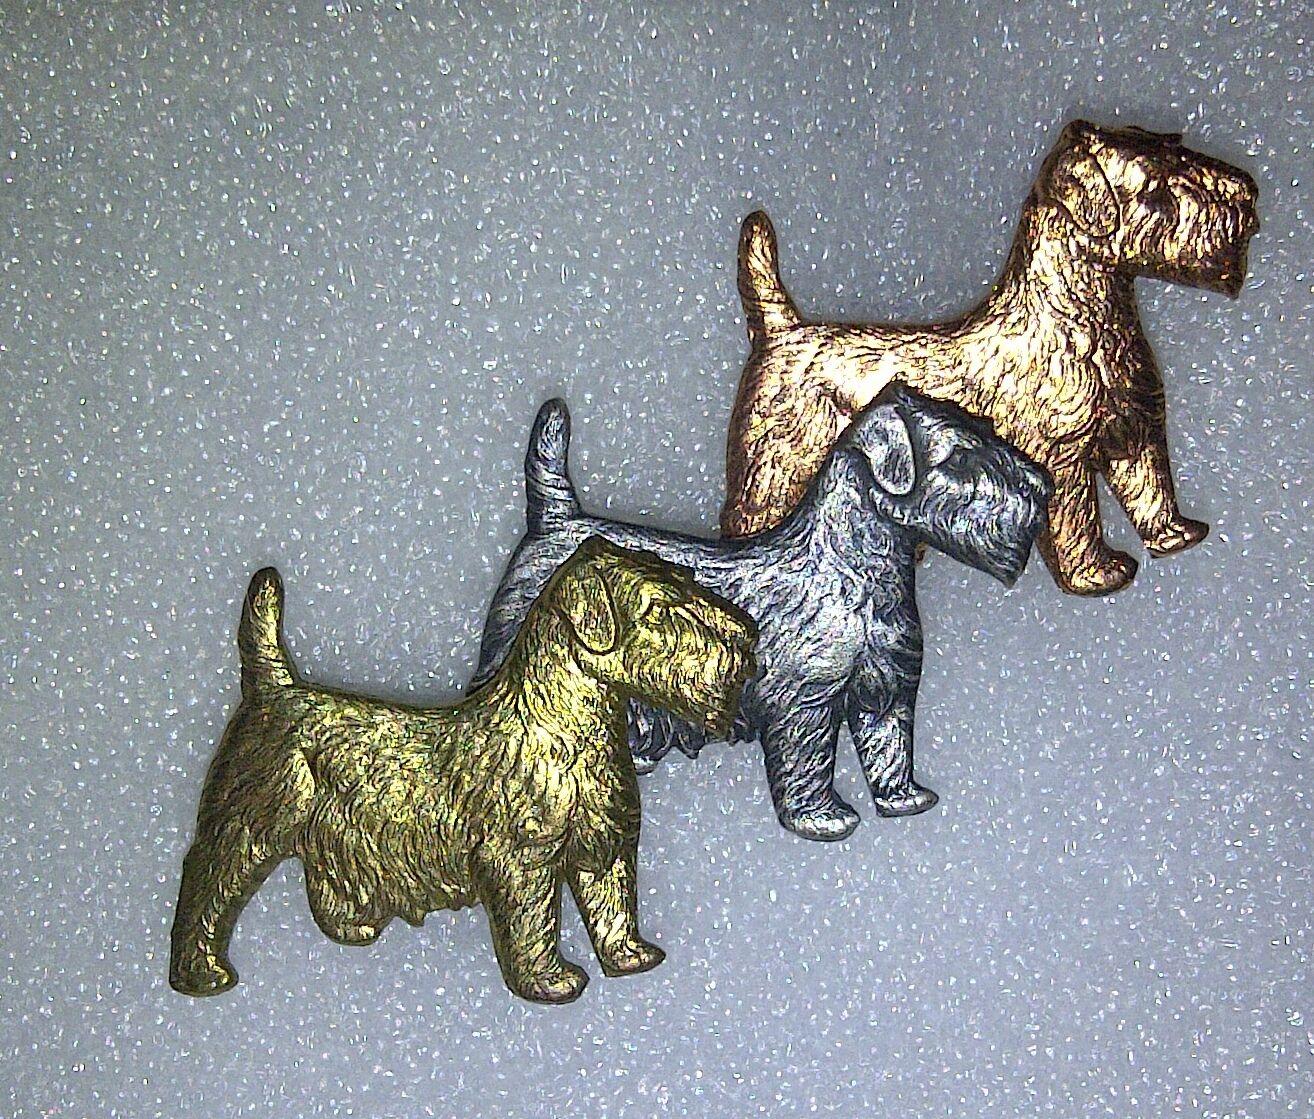 REAL VINTAGE argentoO DORATI Sealyham Cesky Cesky Cesky Norfolk Terrier Dog TIE PIN Spilla di barra 16d88b